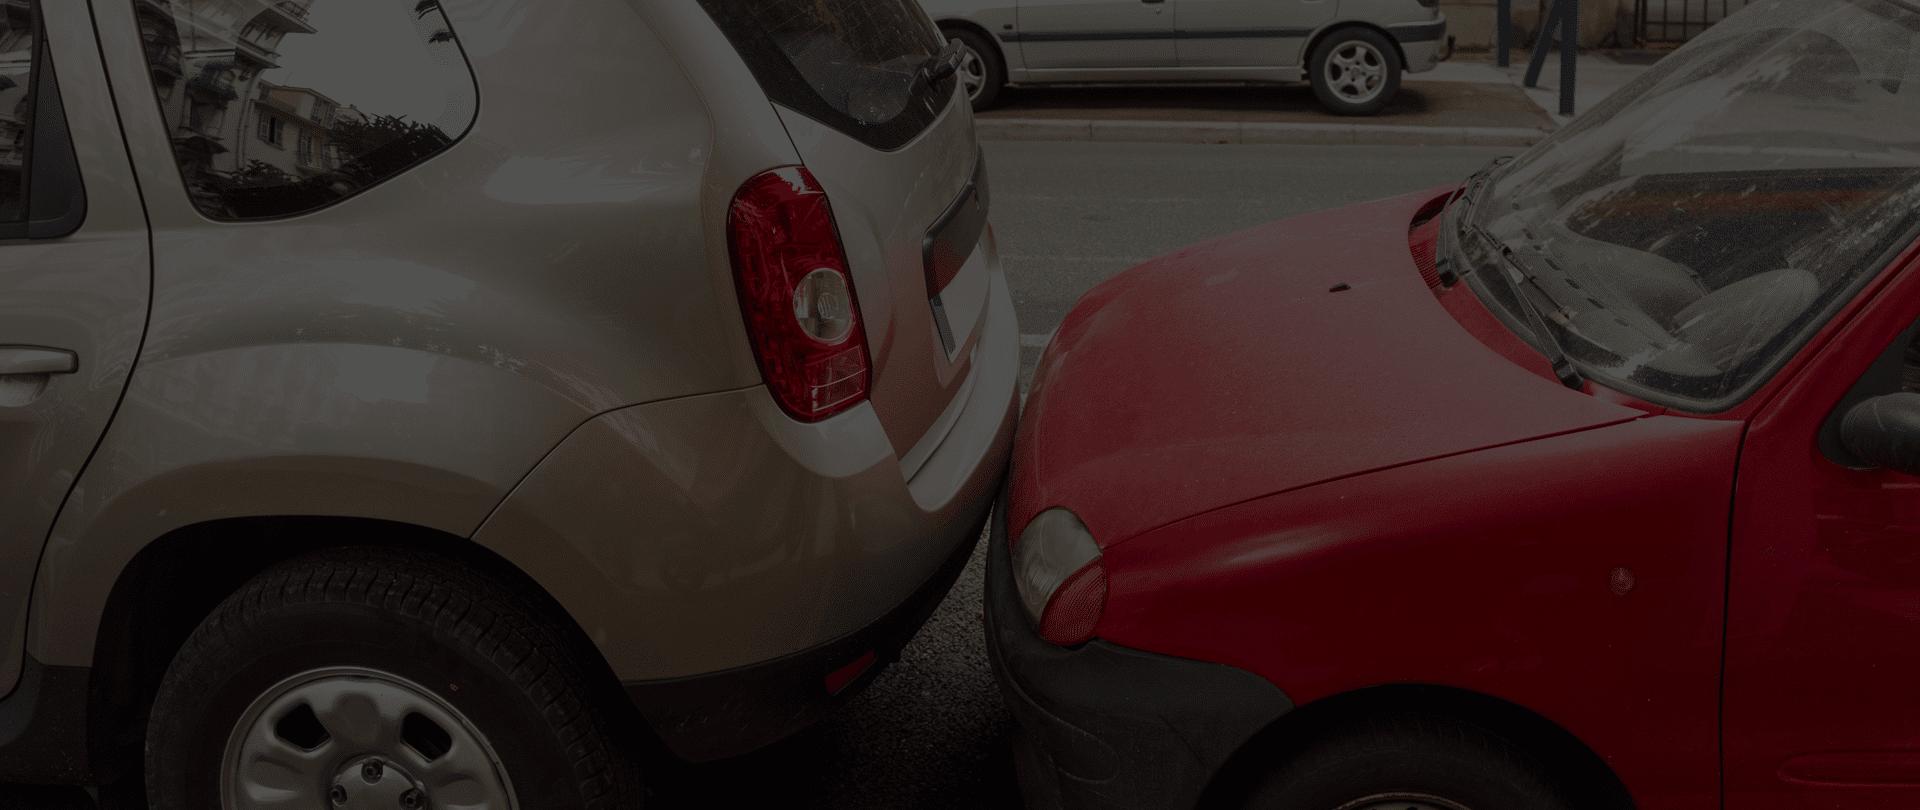 Auto Accident?